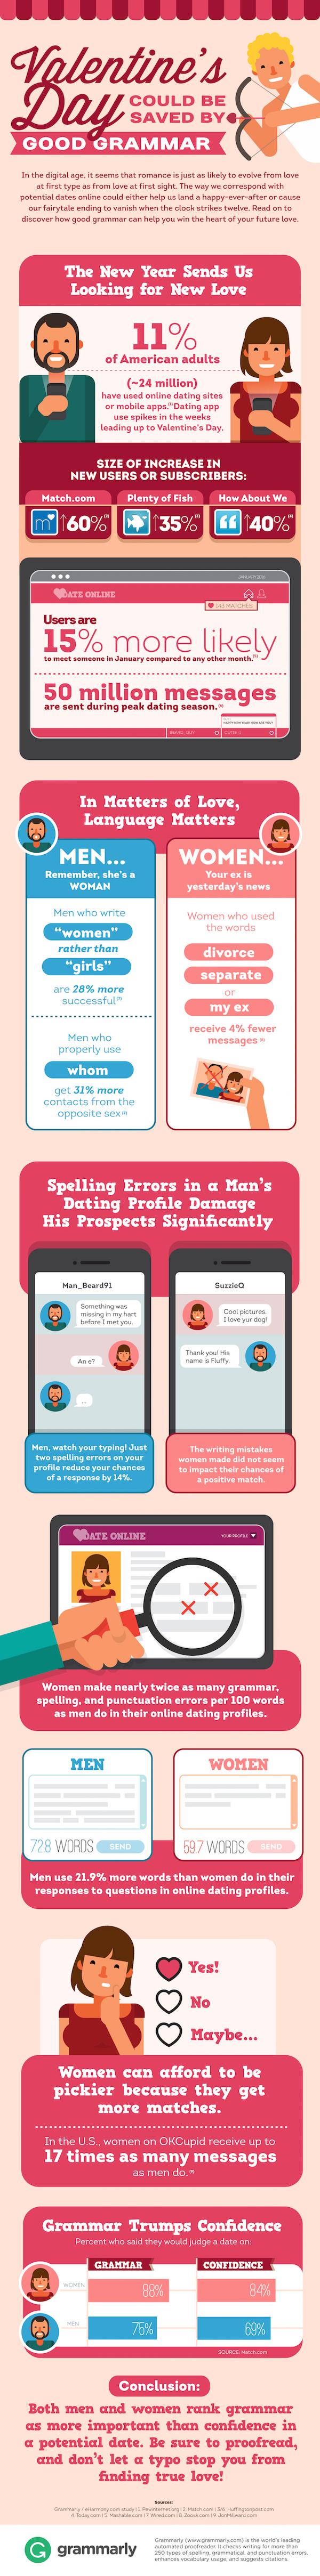 Valentine's Day Grammar 2016 Infographic